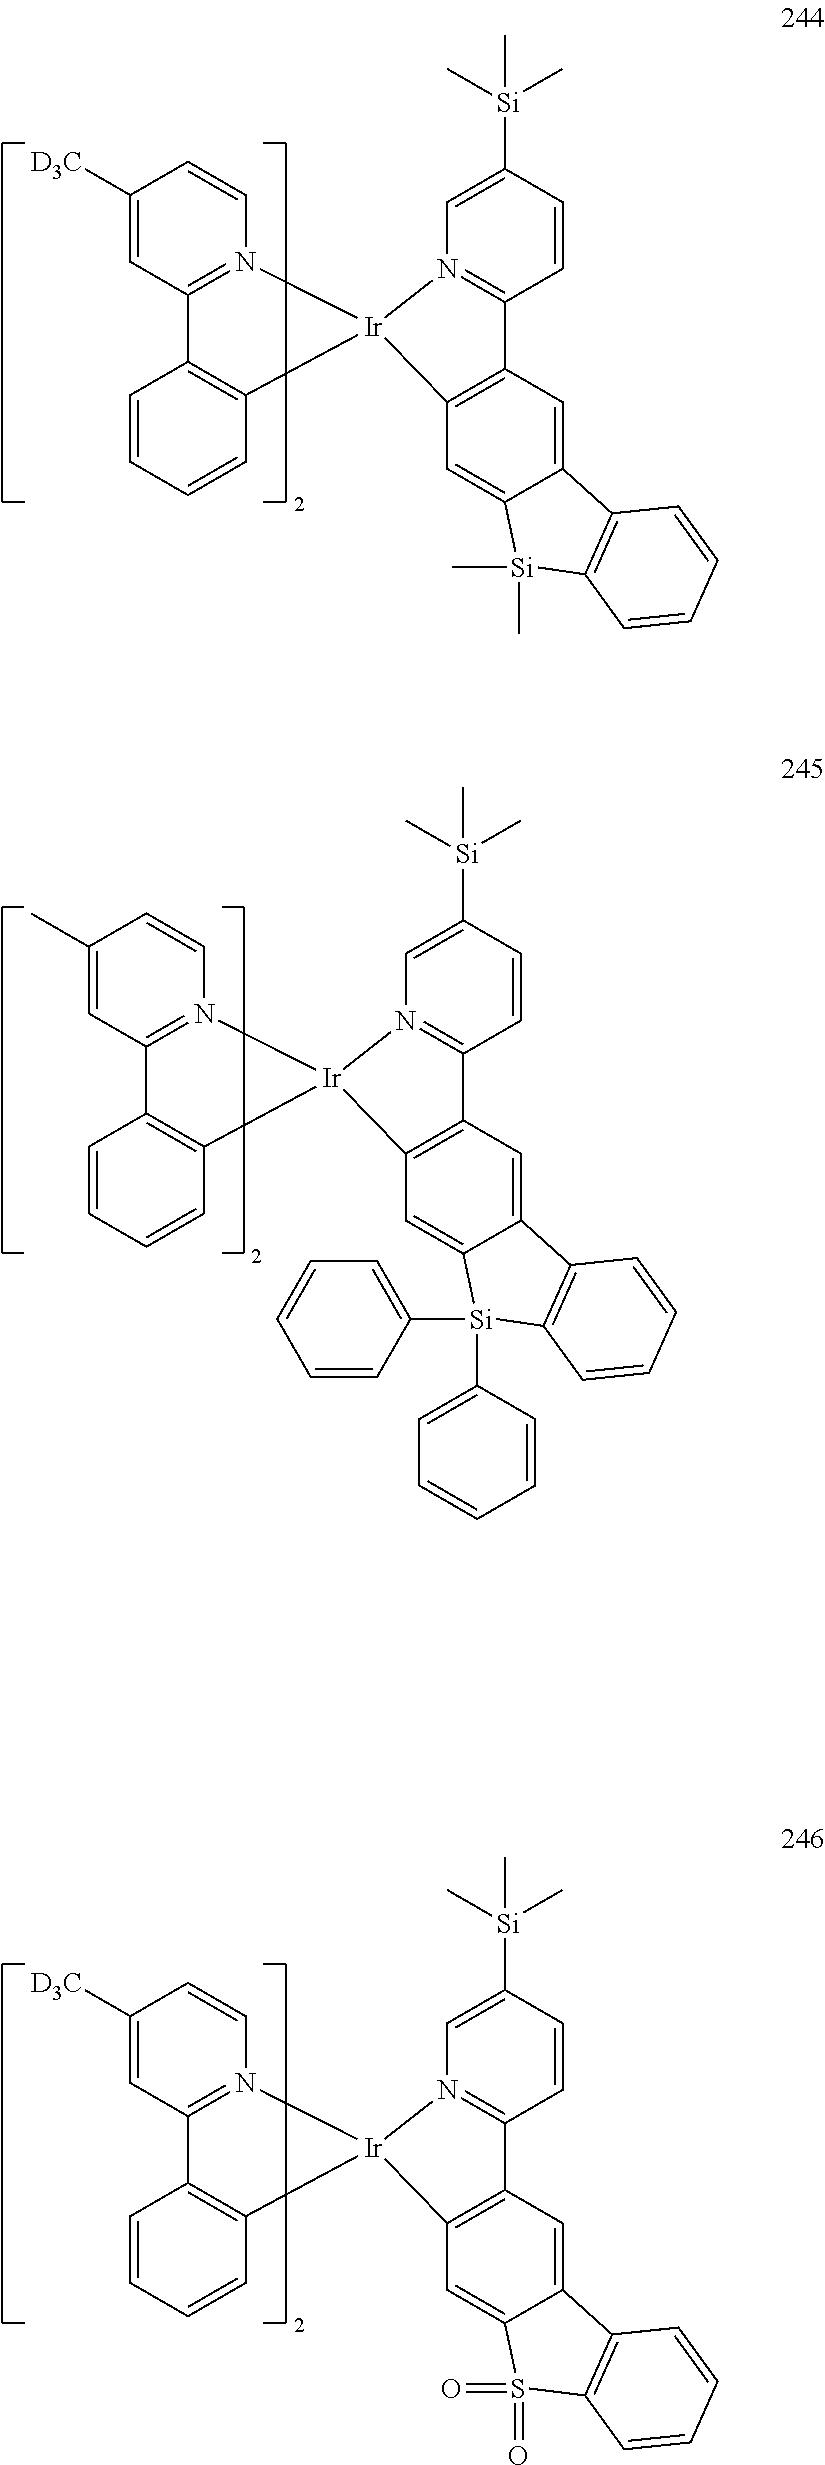 Figure US20160155962A1-20160602-C00398